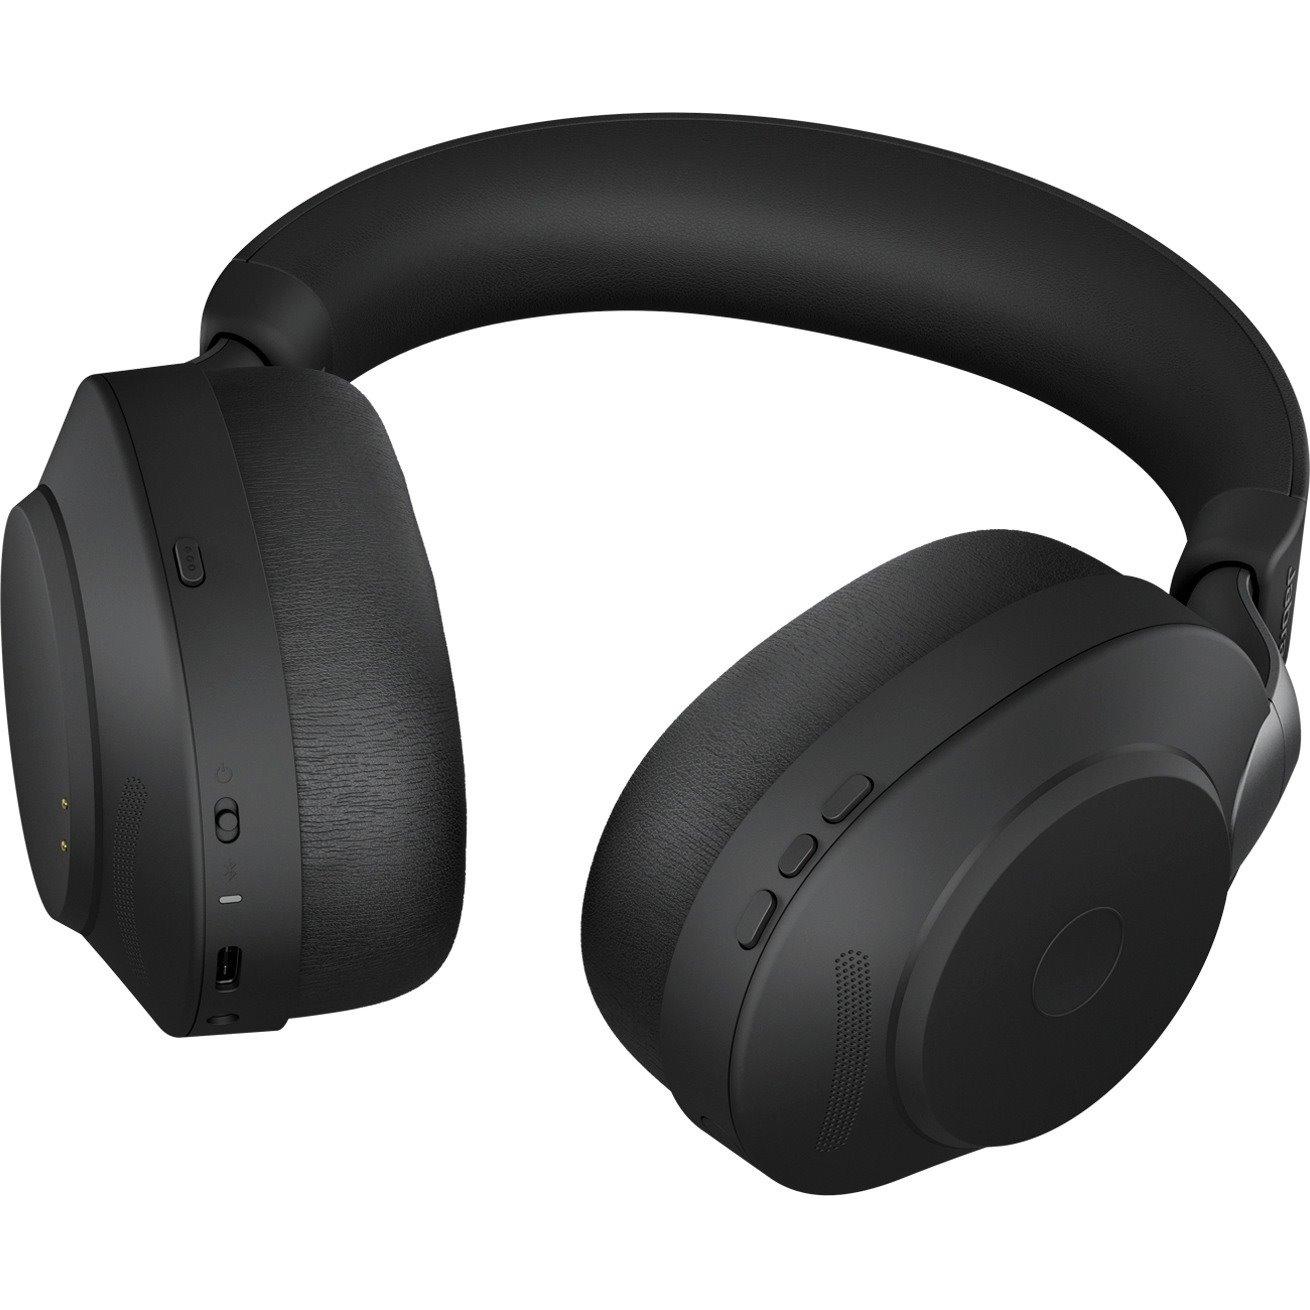 Jabra Evolve2 85 Over-the-head Stereo Headset - Black